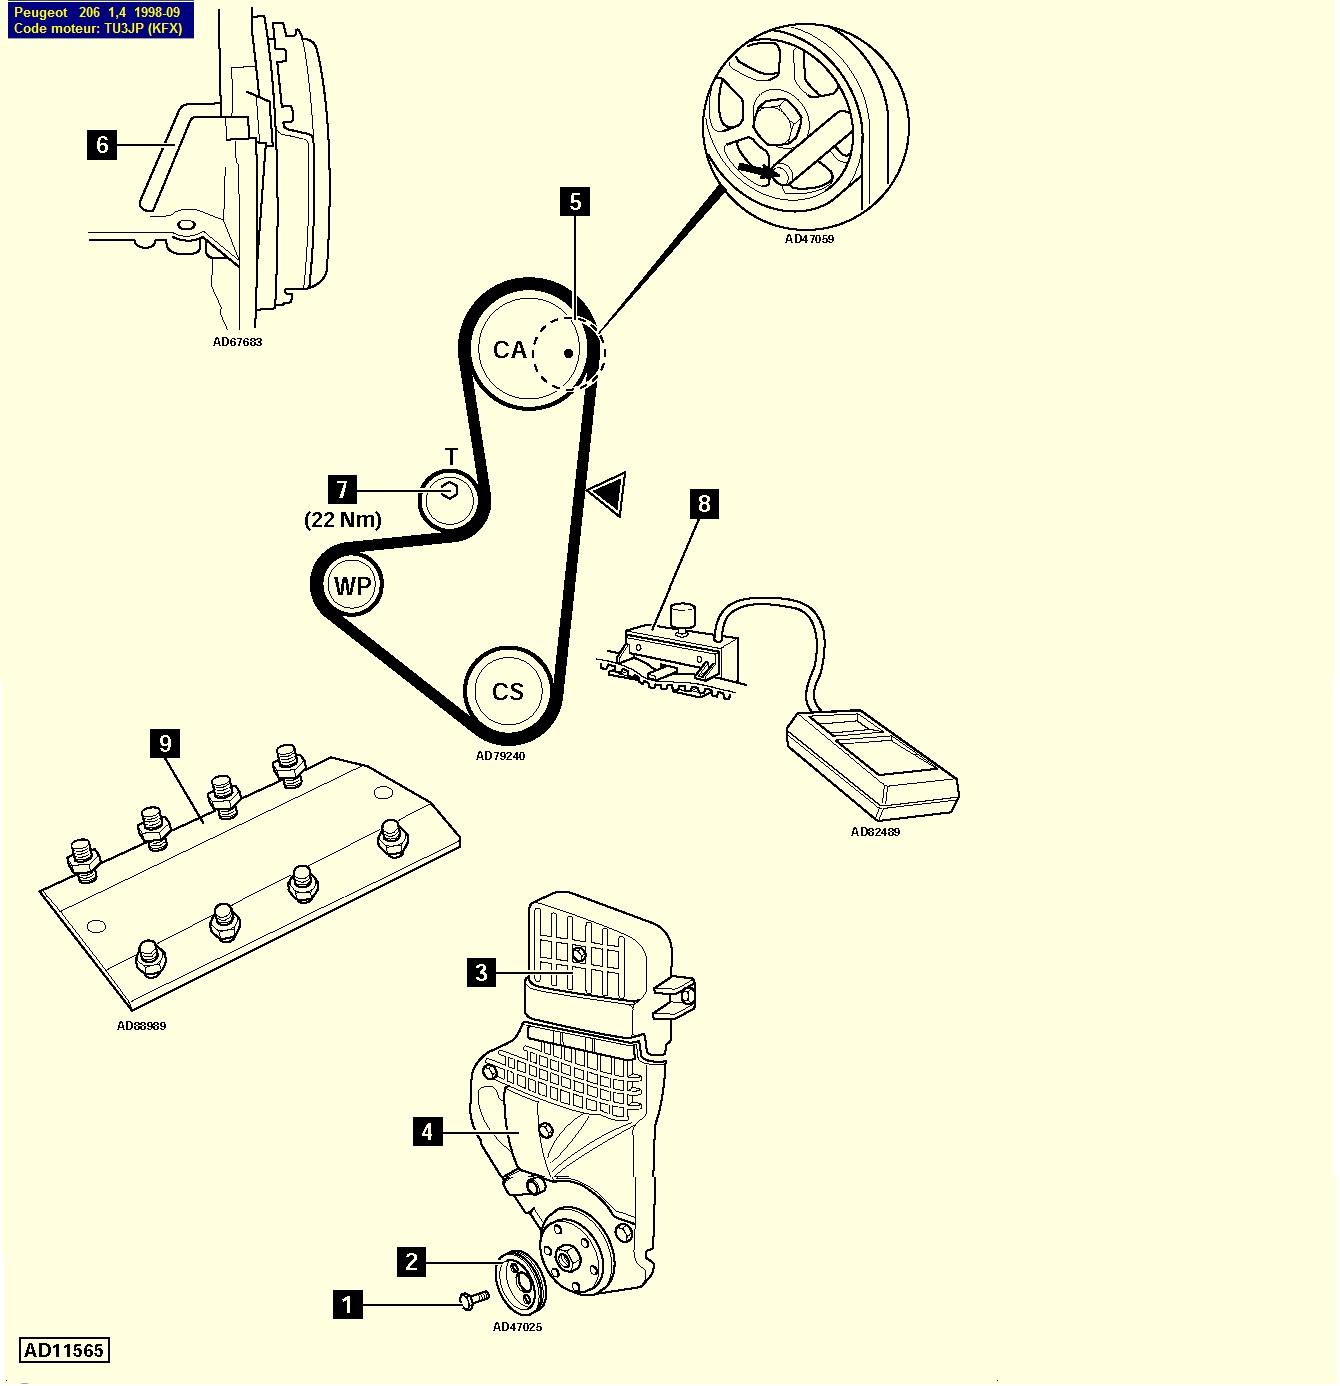 peugeot 206 et de 1999 r paration m canique aide panne auto forum autocadre. Black Bedroom Furniture Sets. Home Design Ideas